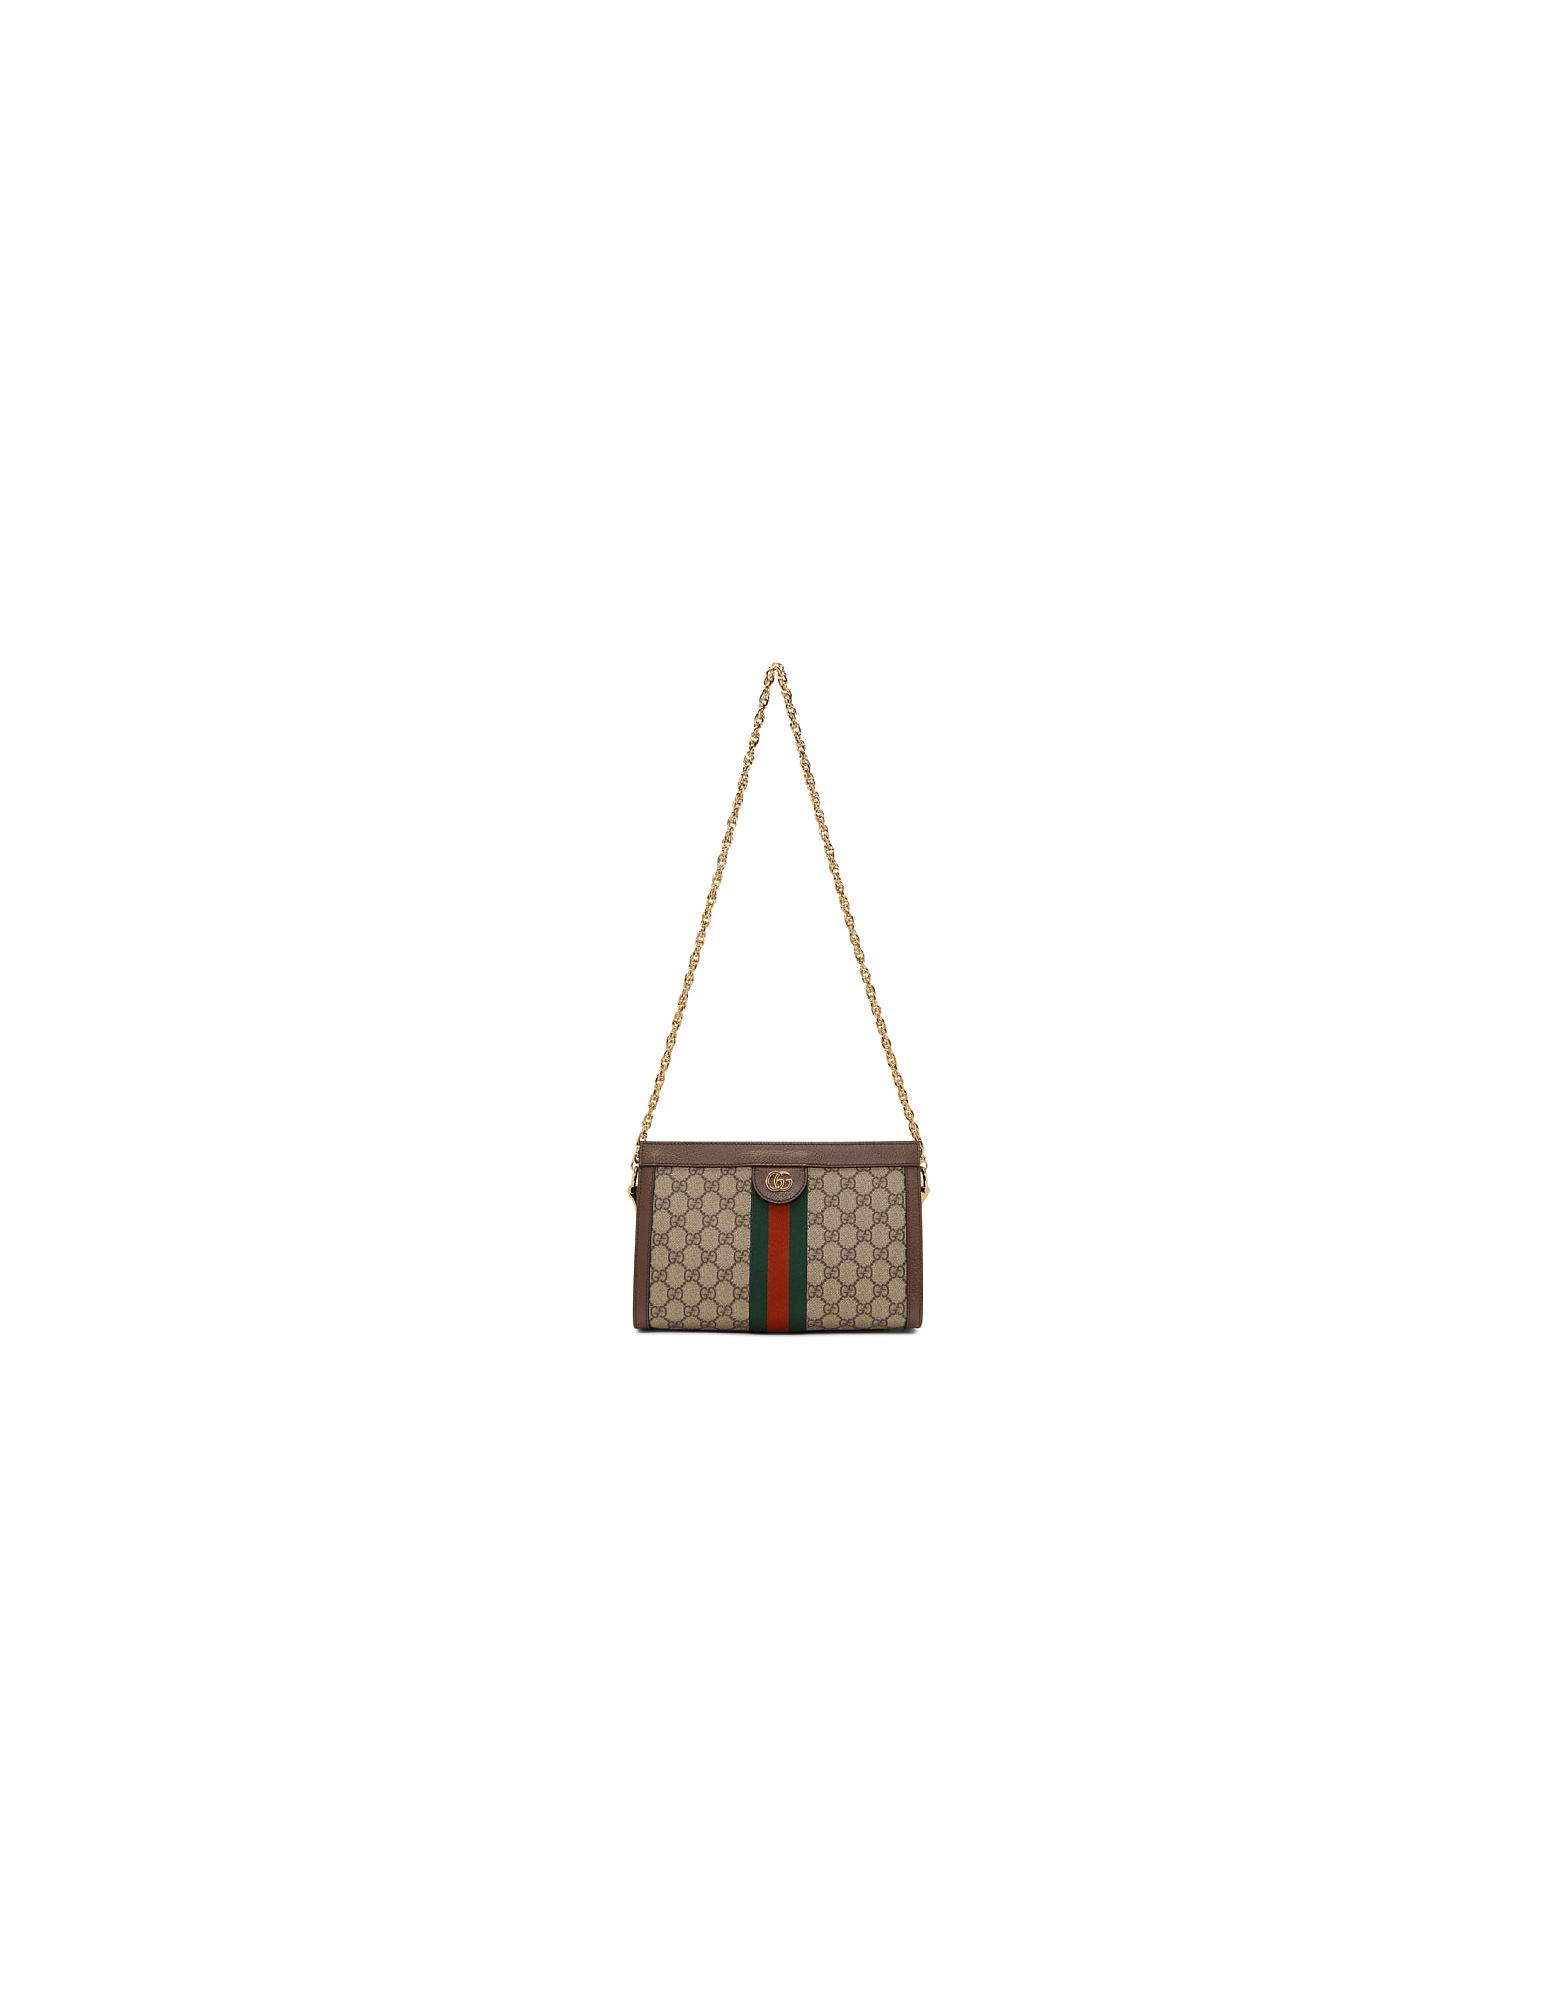 Gucci Designer Handbags, Beige GG Supreme Ophidia Bag